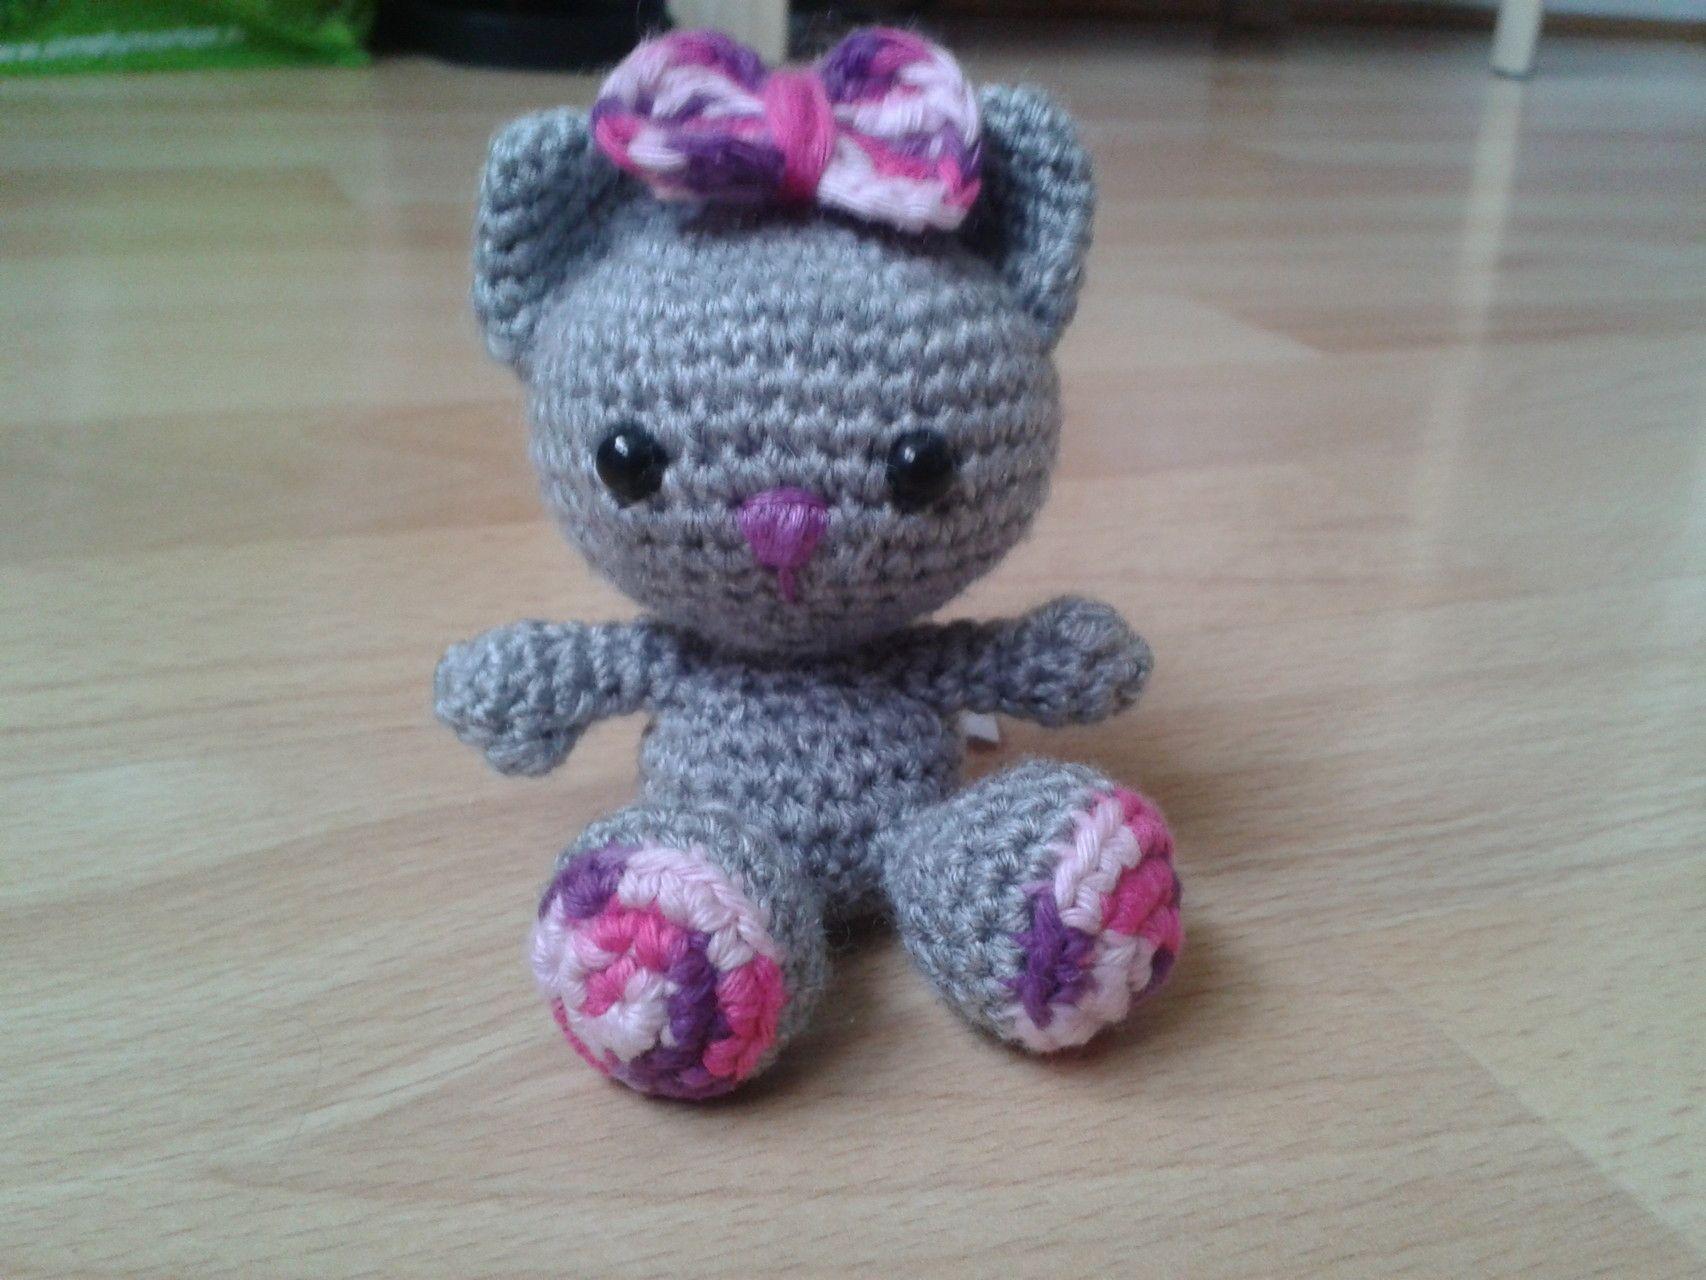 petit chat rose et gris en crochet porte cl chat en crochet pinterest chat rose petit. Black Bedroom Furniture Sets. Home Design Ideas